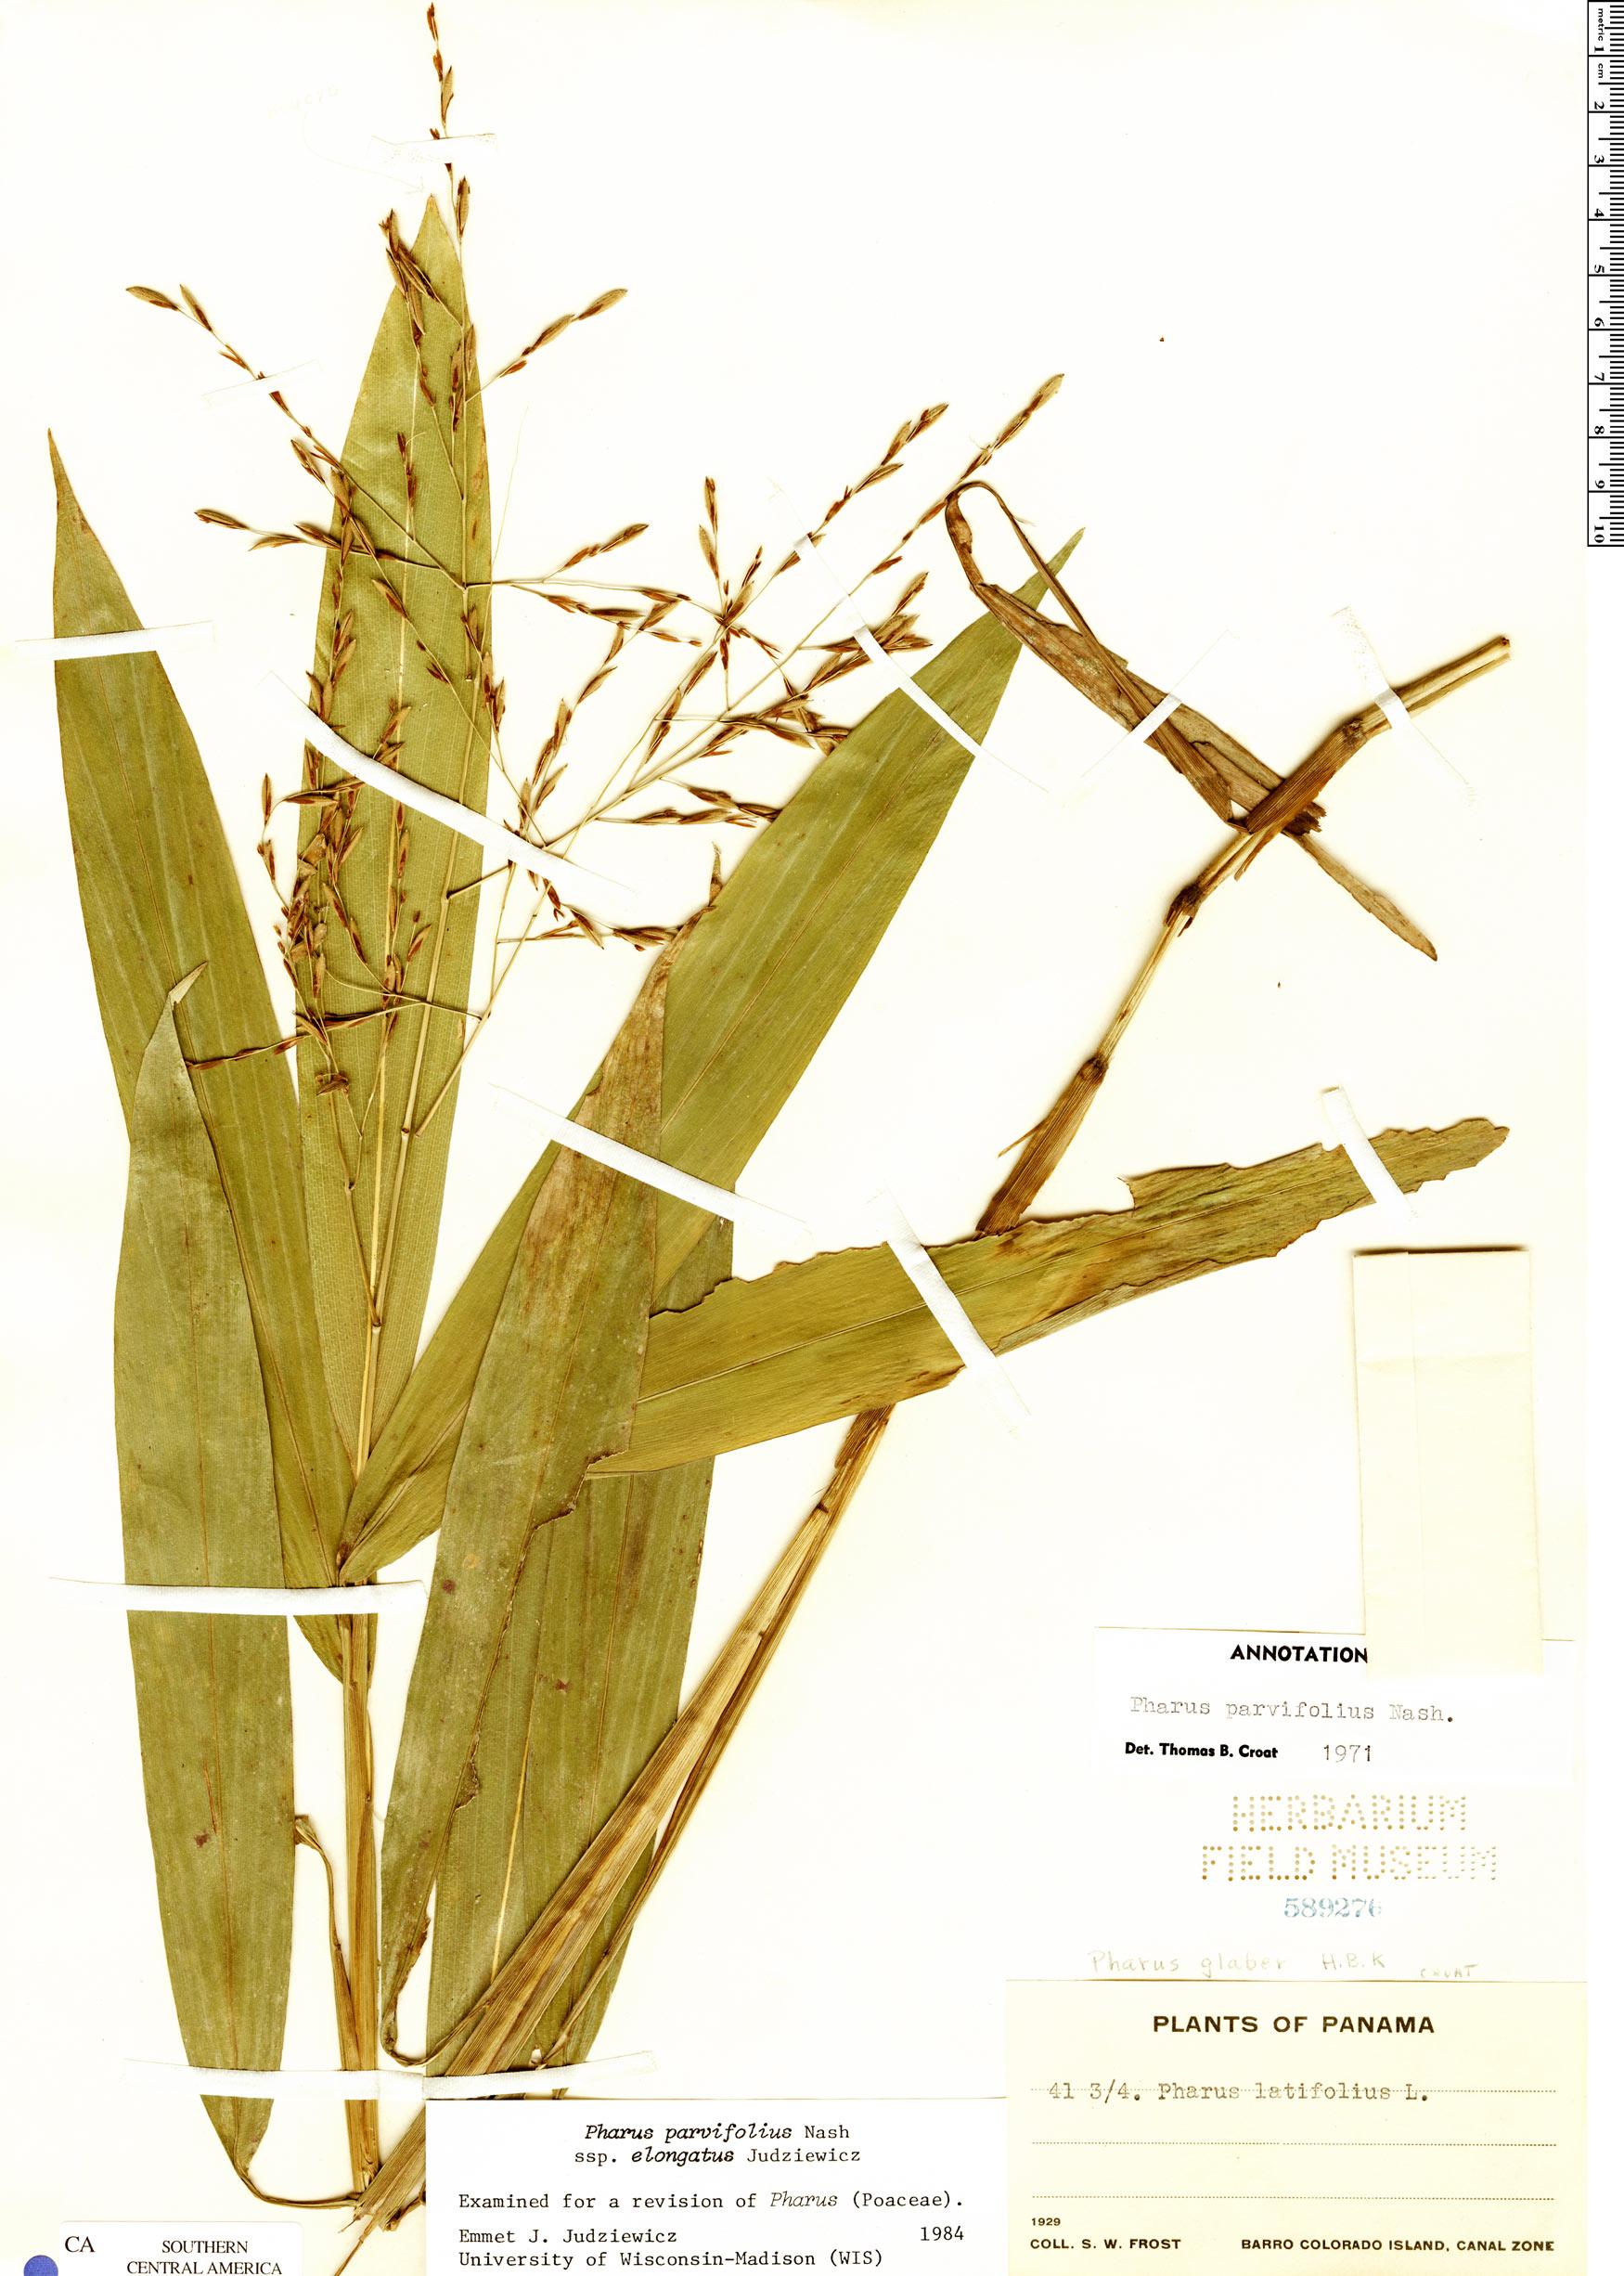 Specimen: Pharus parvifolius